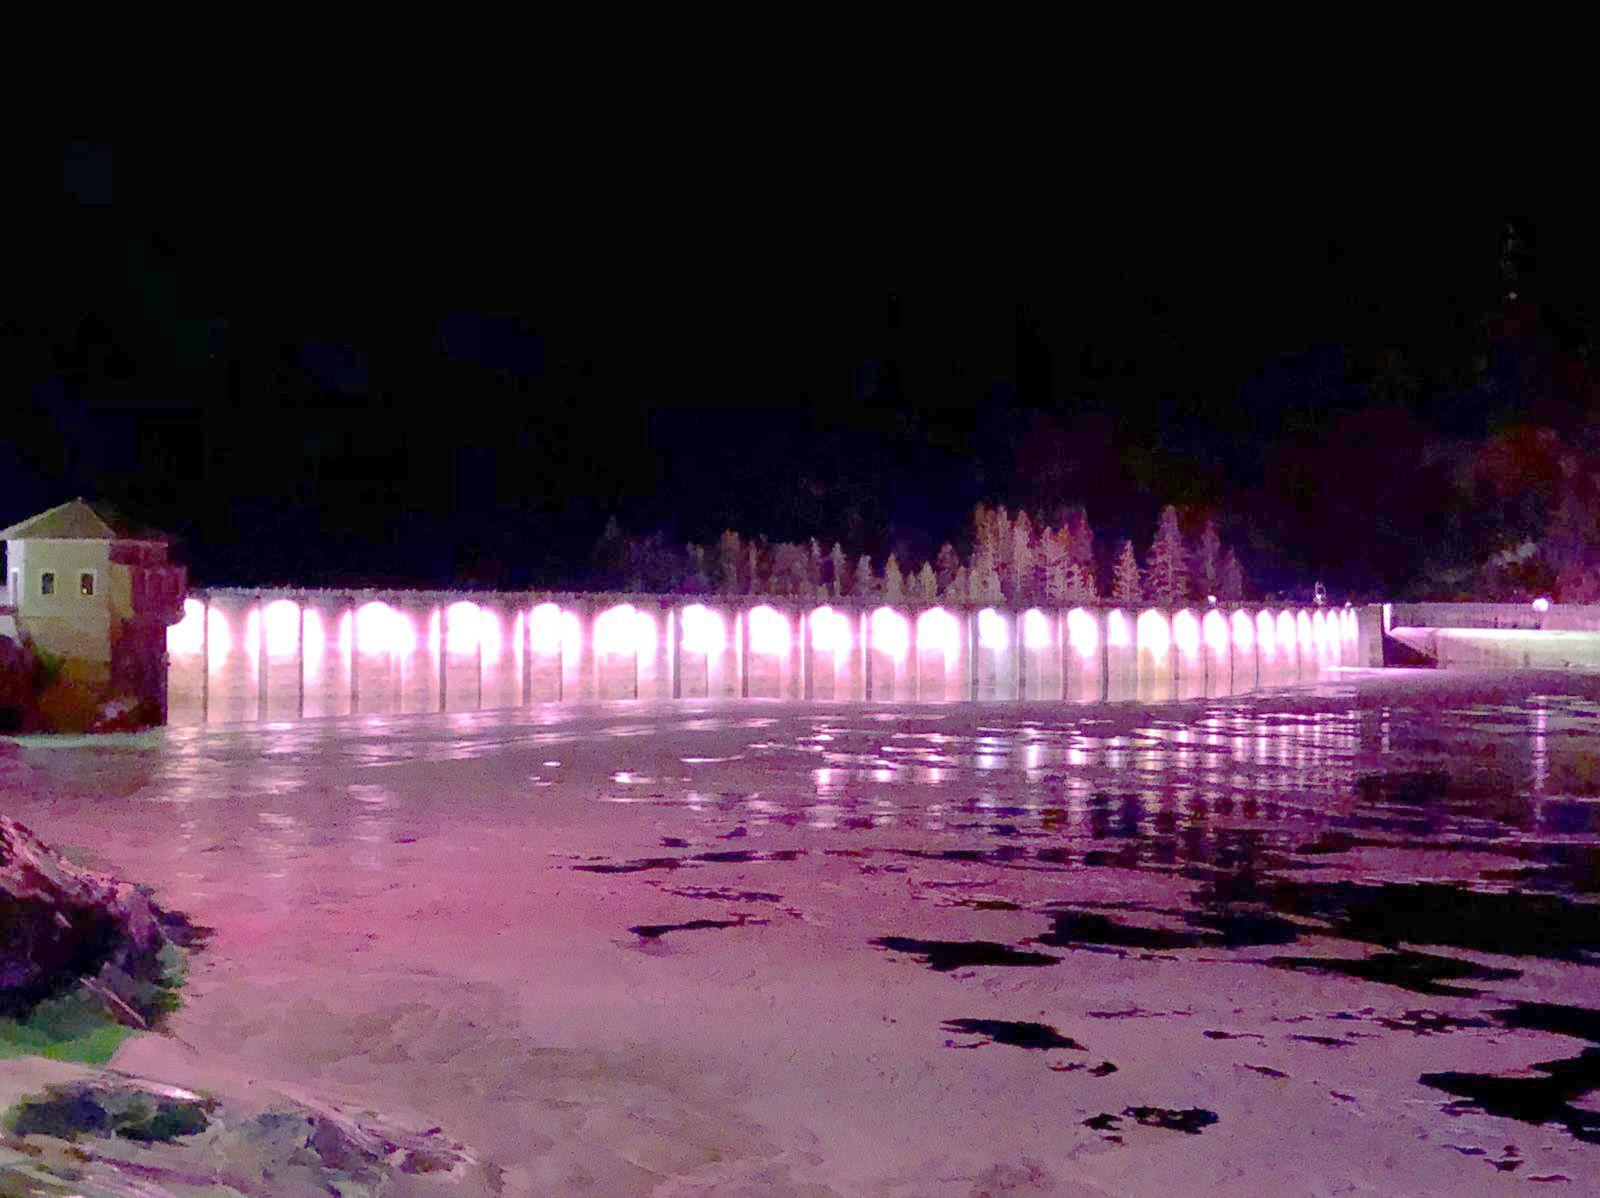 CANAVESE - La diga di Ceresole Reale e il municipio di Ivrea si colorano di rosa per il Giro d'Italia - FOTO